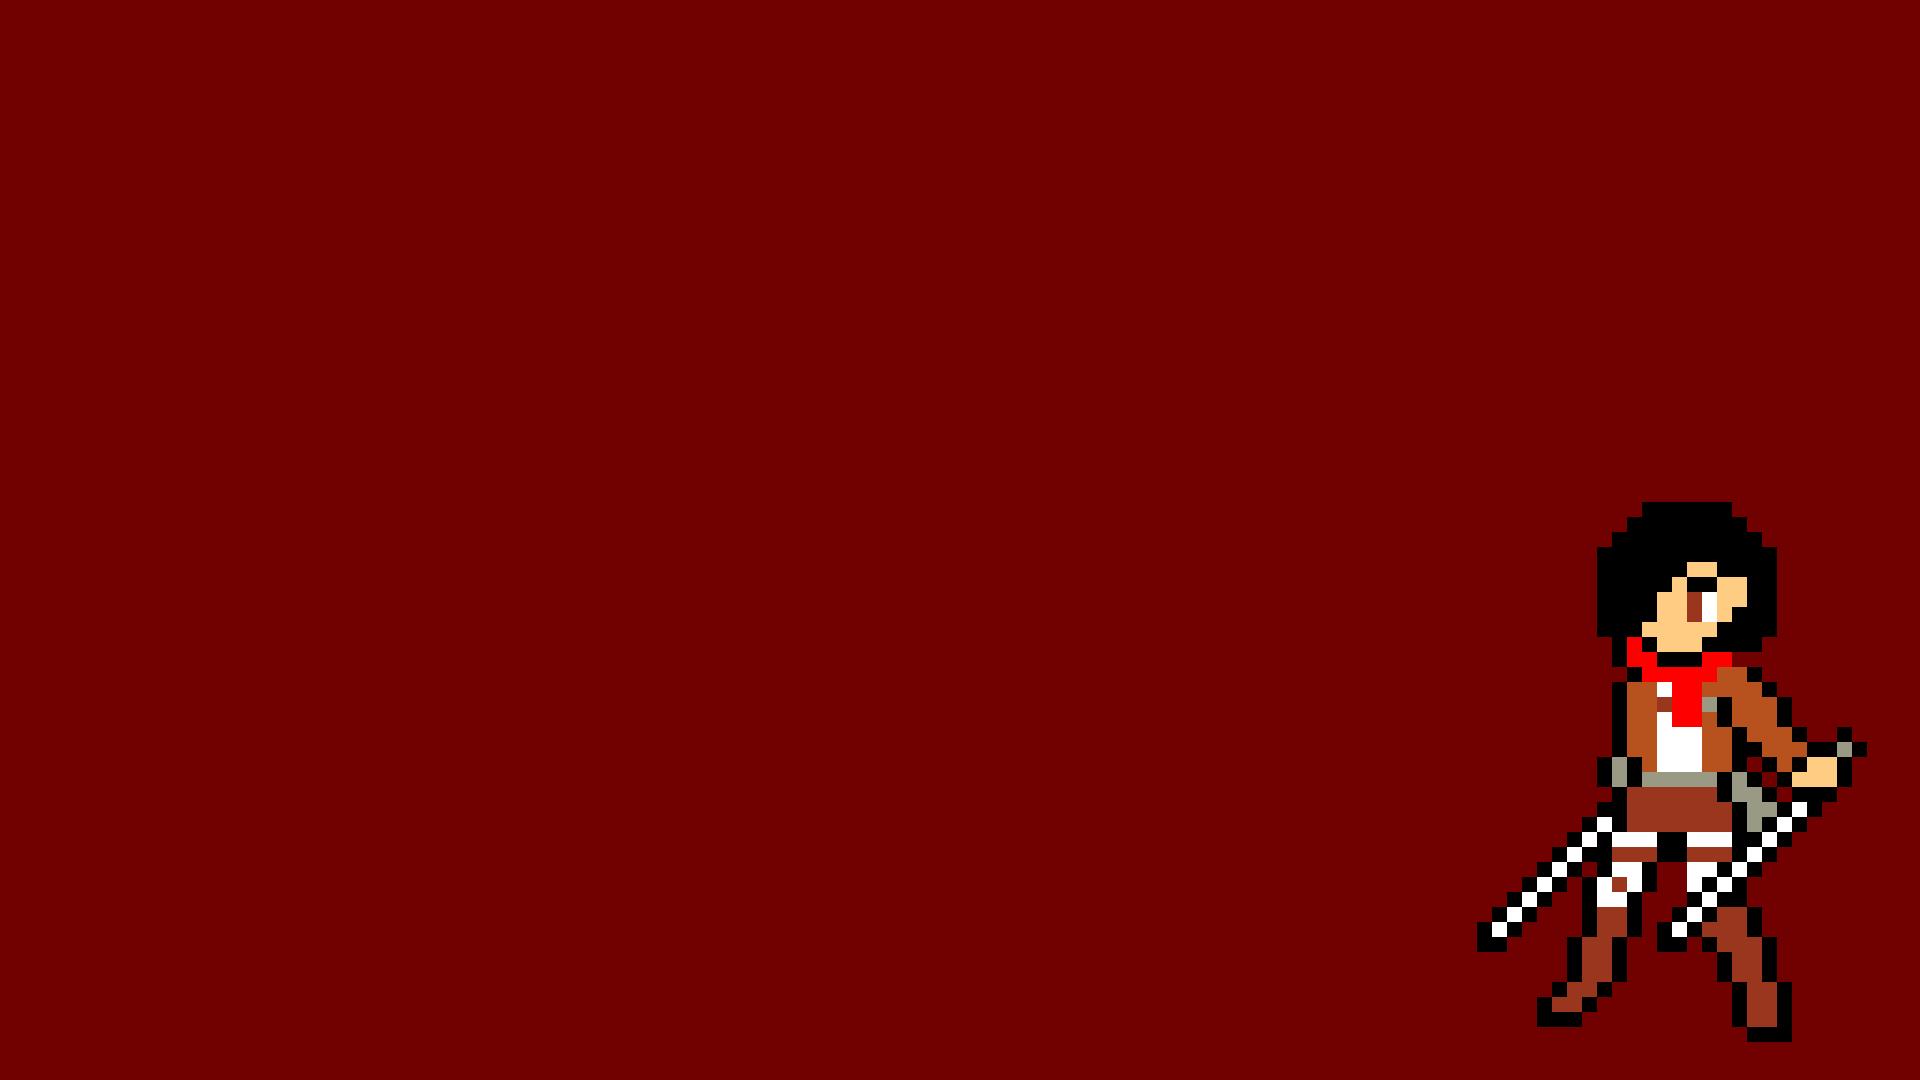 Fond Décran Illustration Pixel Art Rouge Dessin Animé